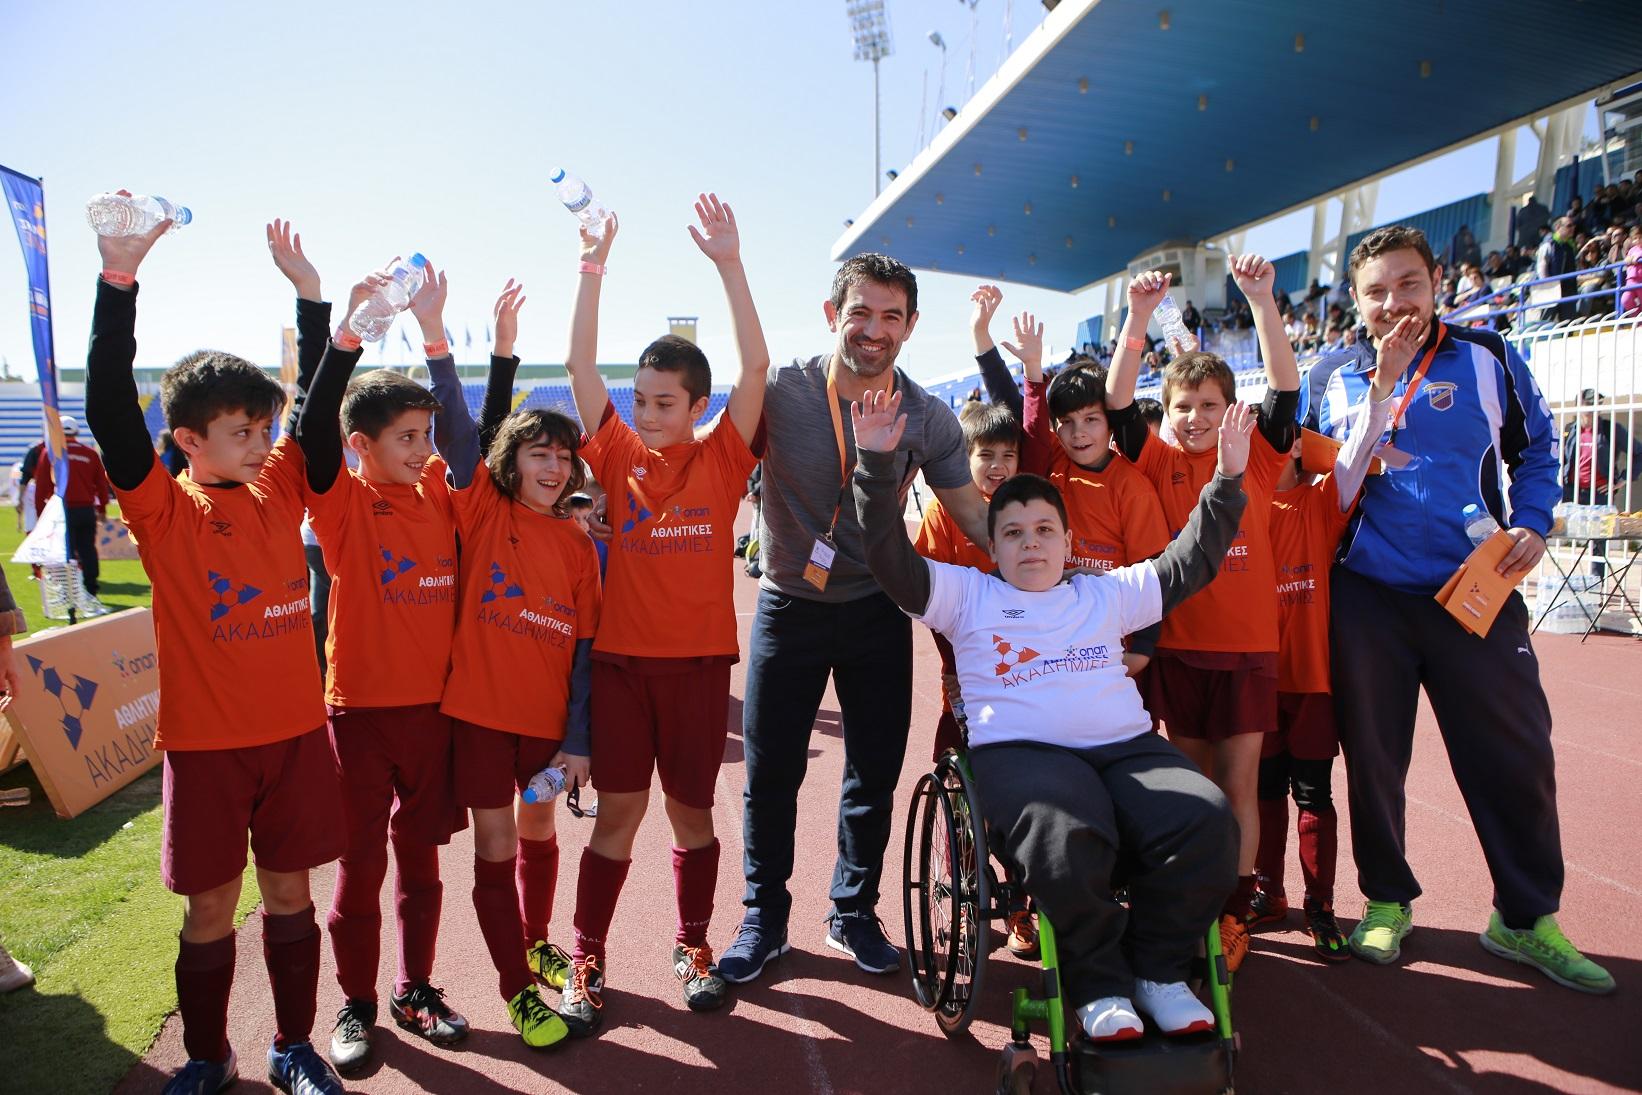 Ο Γ. Καραγκούνης με παιδιά από τις Αθλητικές Ακαδημίες ΟΠΑΠ 3